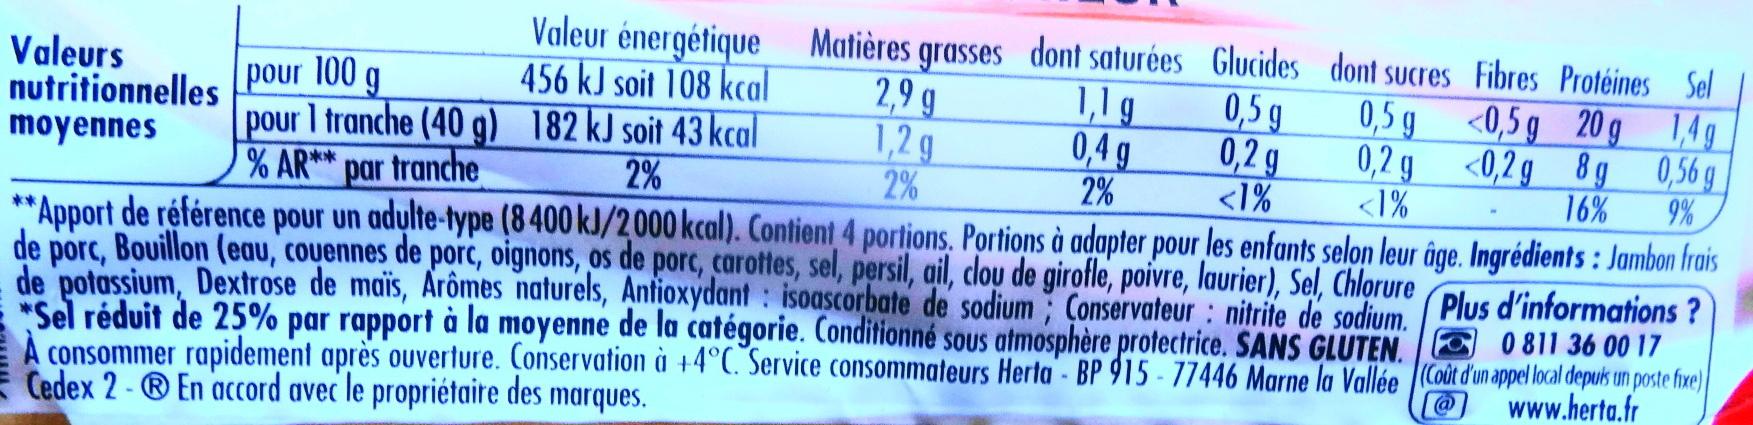 Tendre Noix, Supérieur (- 25 % de Sel) -